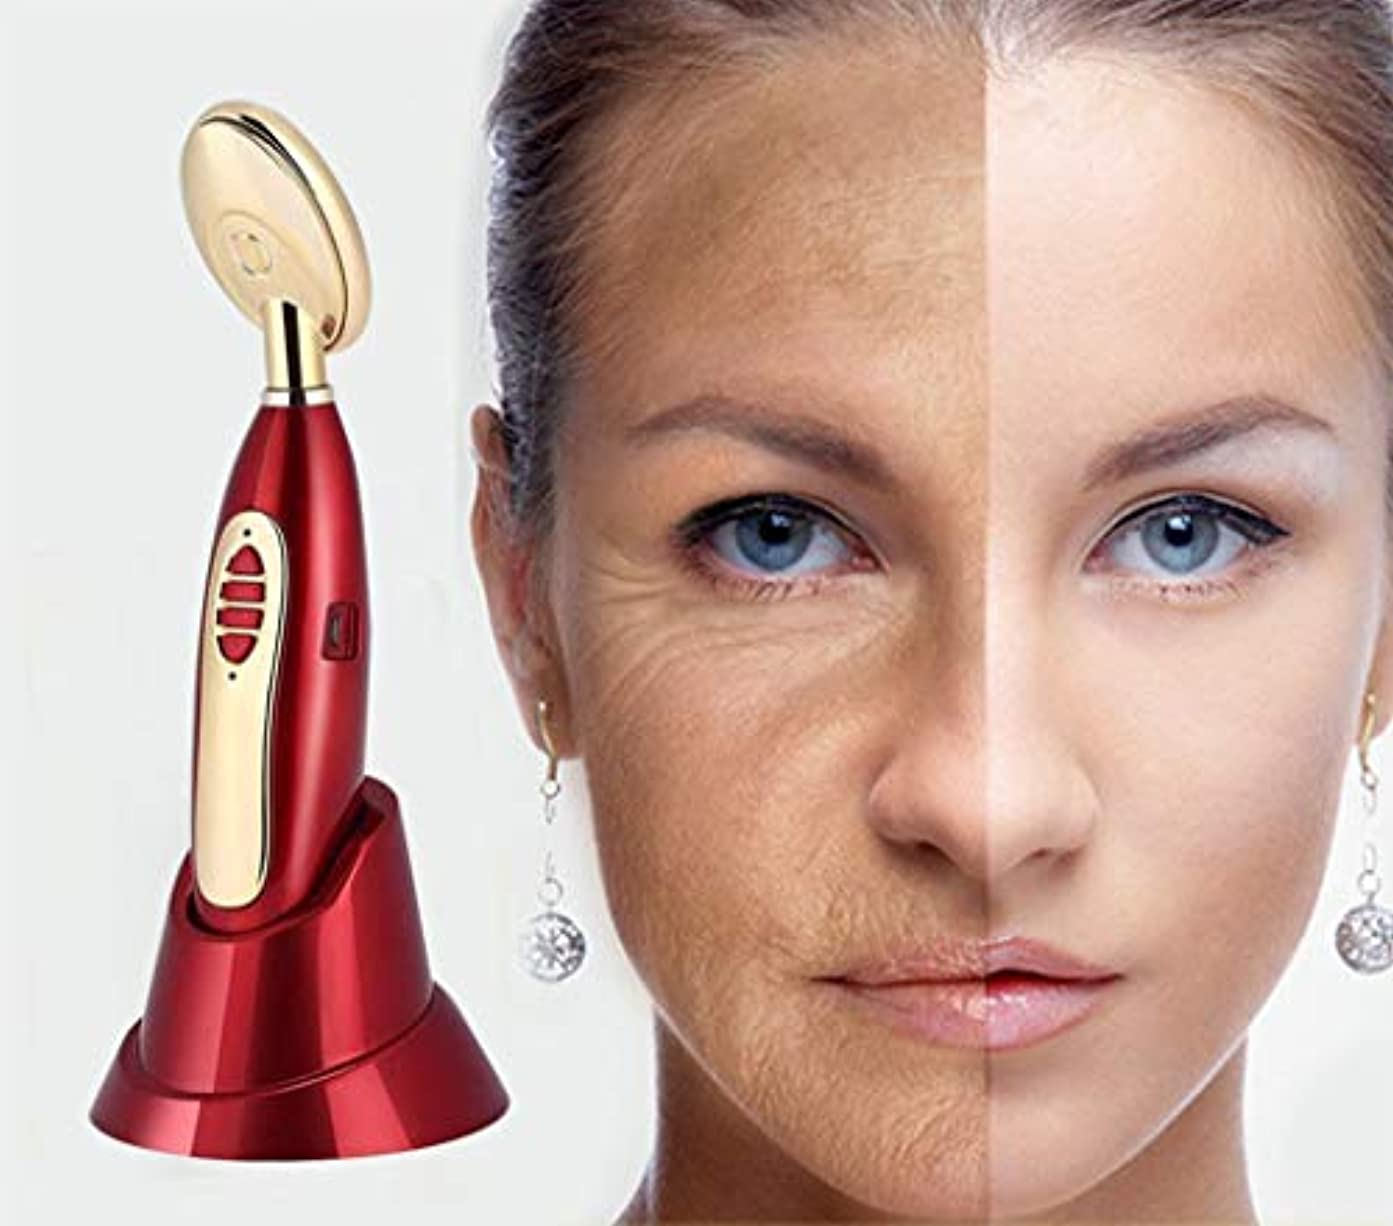 静けさすり減るハブブ美容機器電気顔と目の皮膚引き締め機負イオンスキンエッセンス振動マッサージ USB しわ除去デバイス美容機器暗い円を削除します。